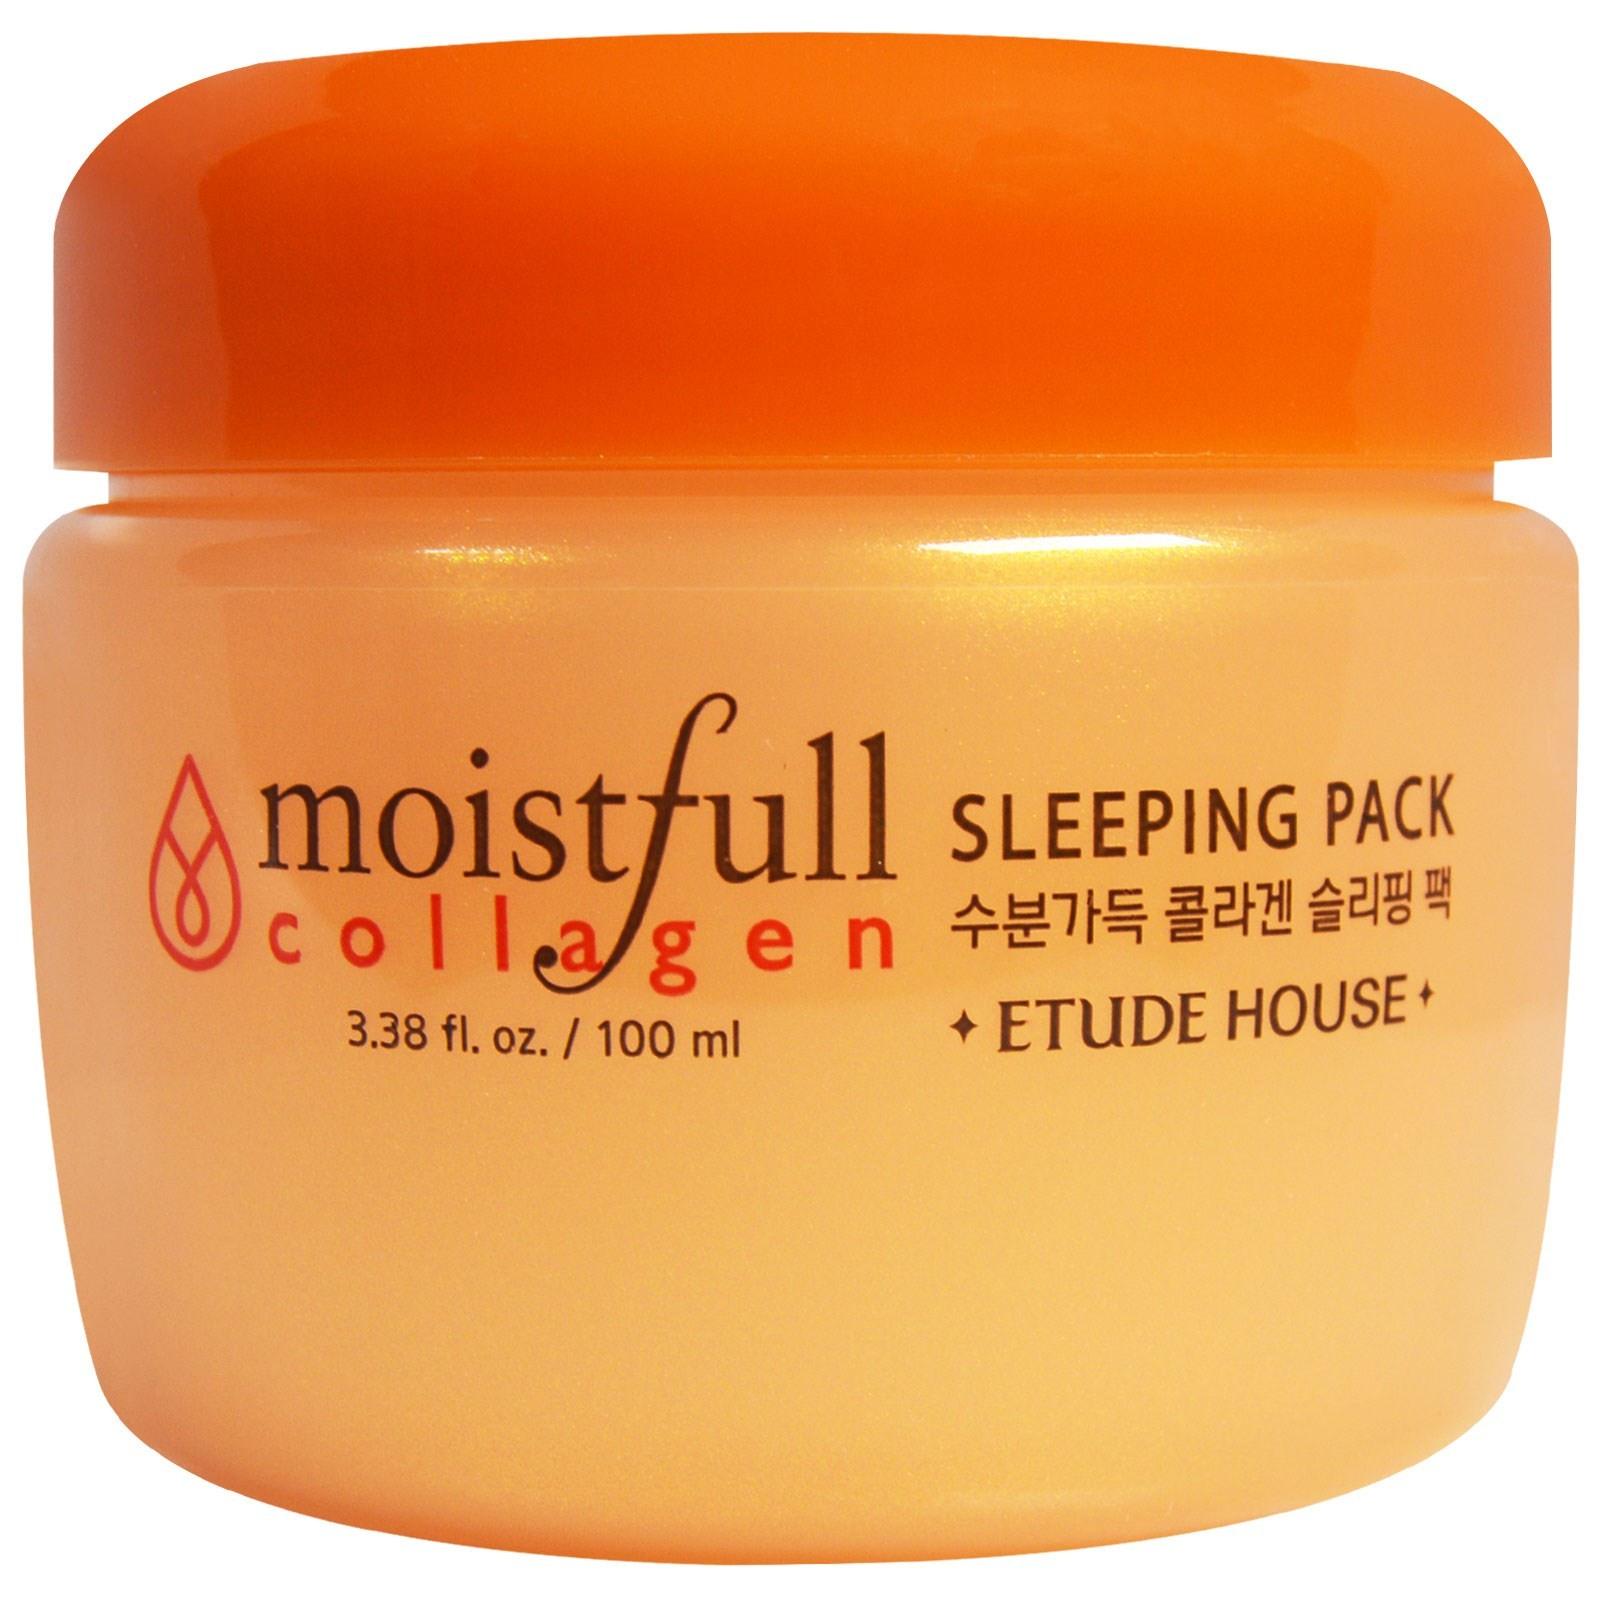 ETUDE HOUSE Увлажняющая ночная маска Moistfull Collagen Sleeping Pack маска для лица ночная с коллагеном moistfull collagen sleeping pack 100 мл etude house collagen